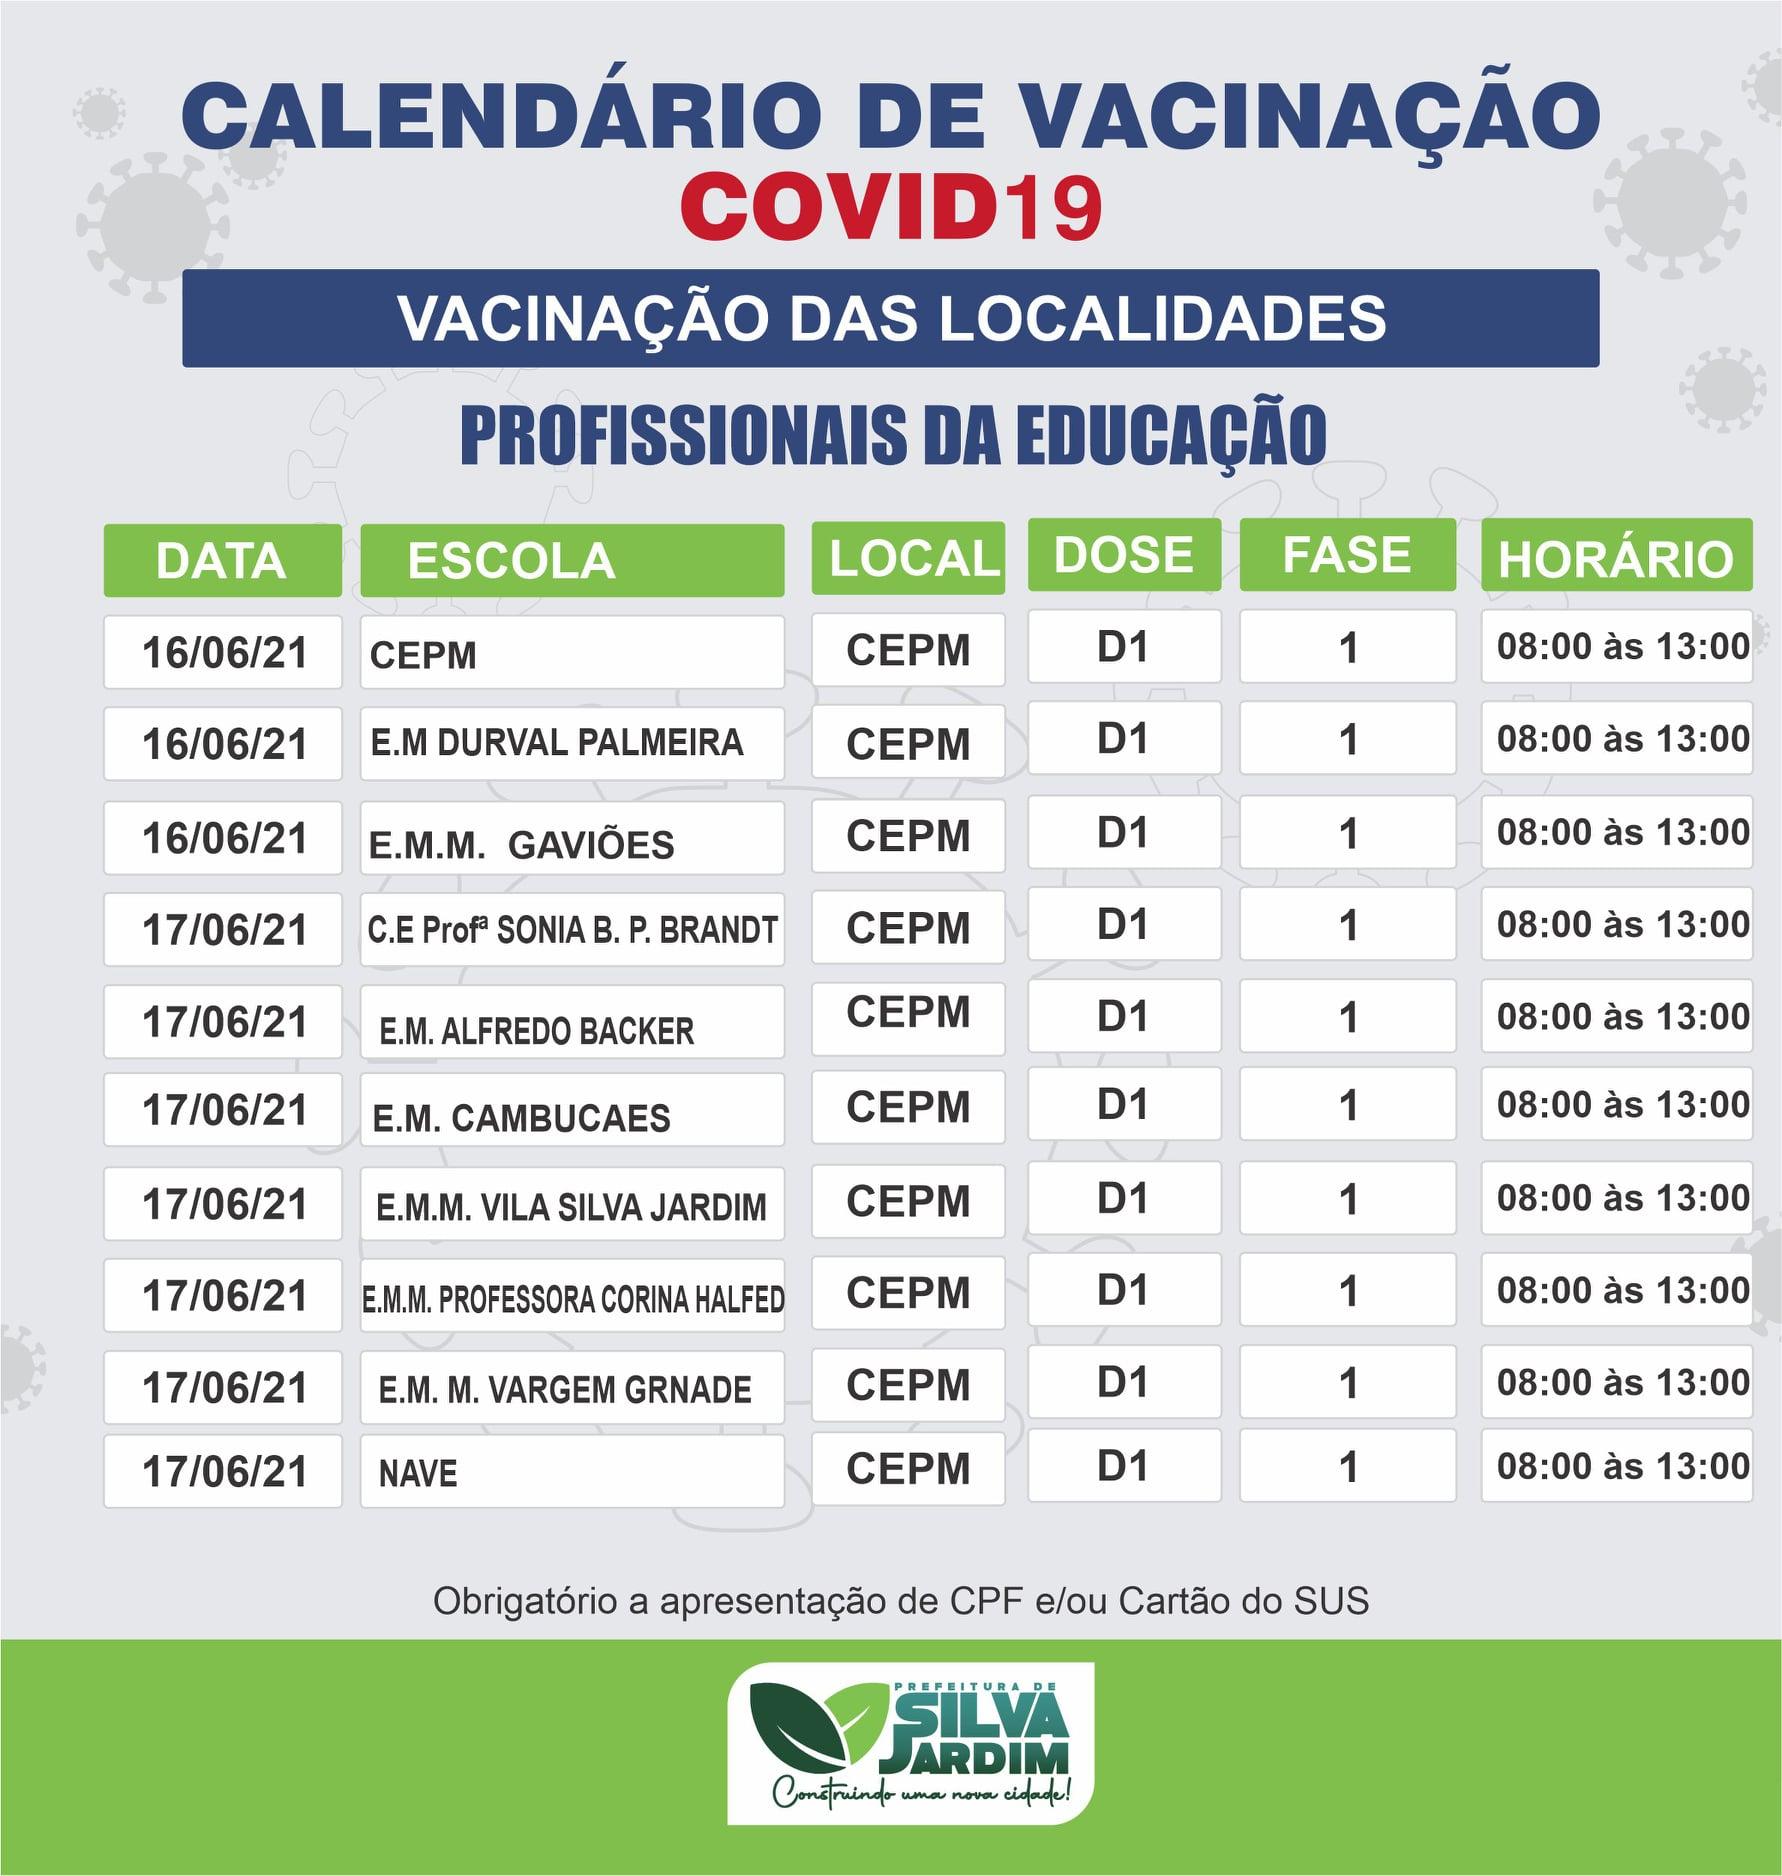 Profissionais da educação vacinados contra a covid-19 em Silva Jardim